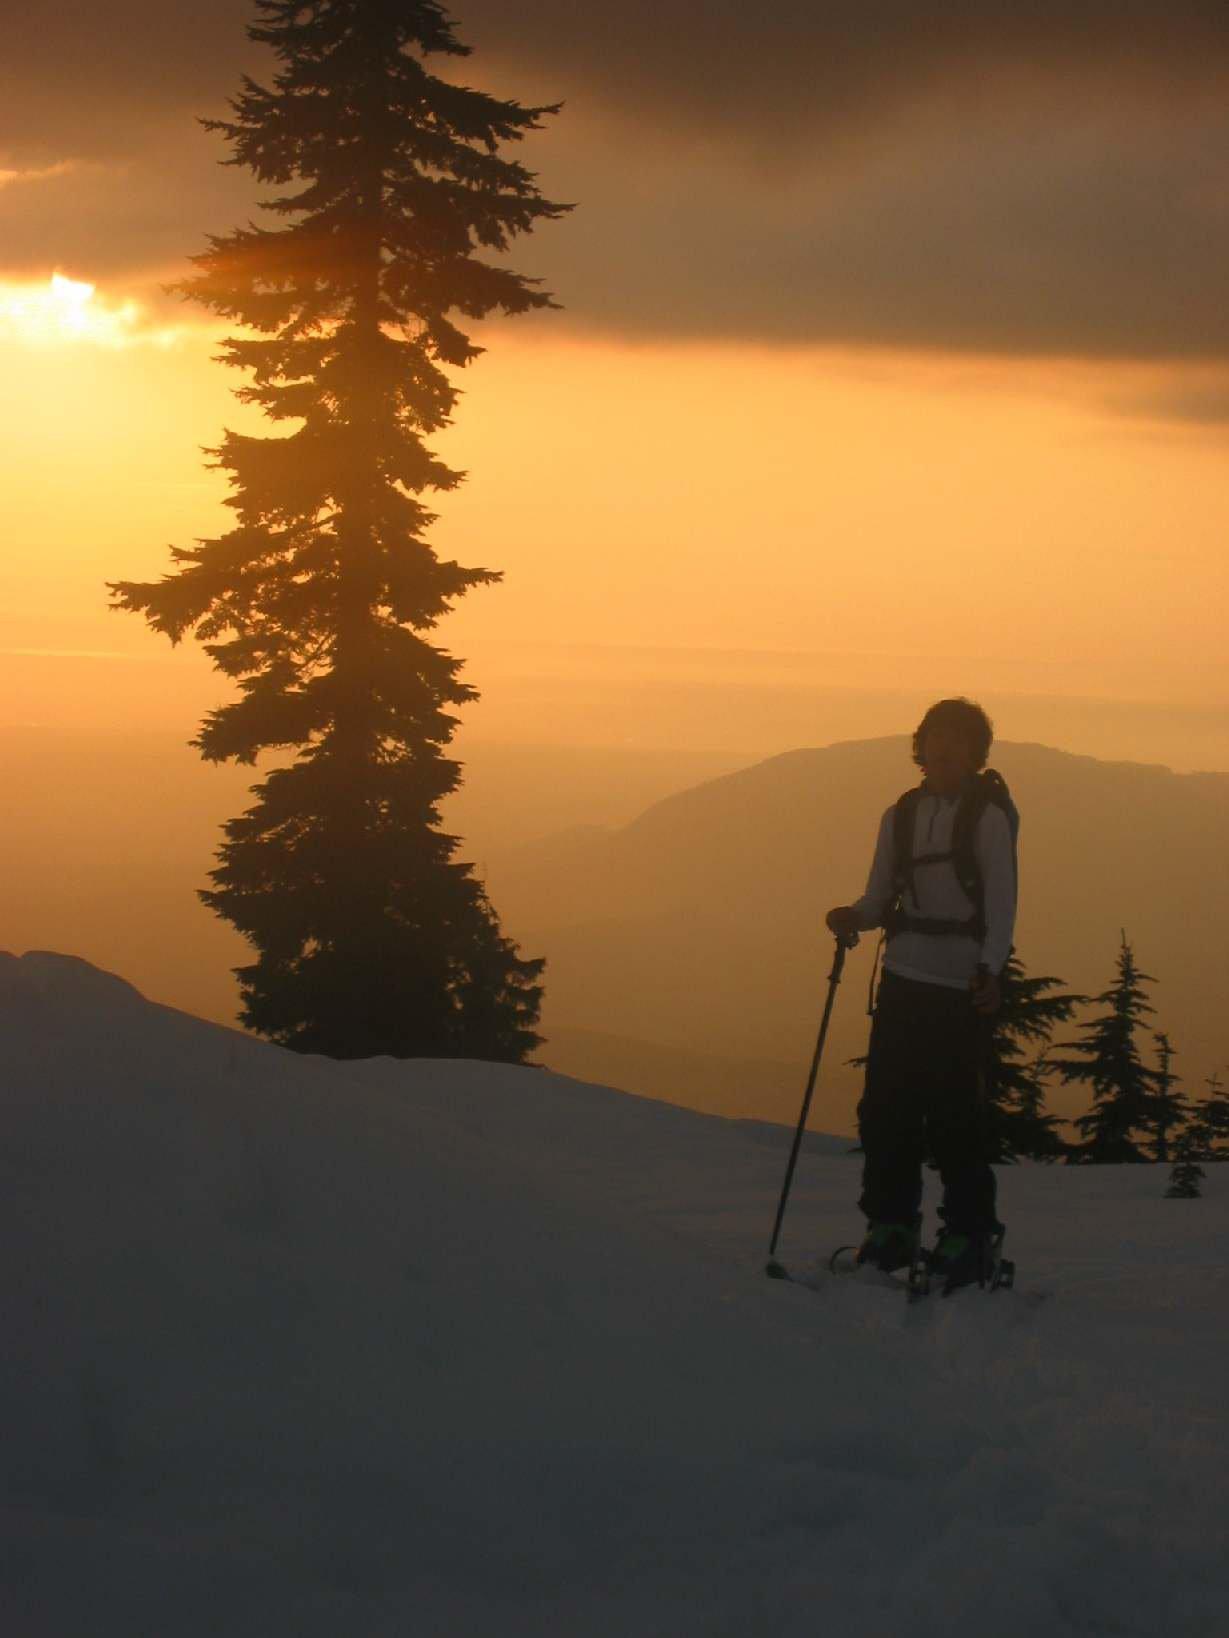 Mt. Pilchuck orange sunset